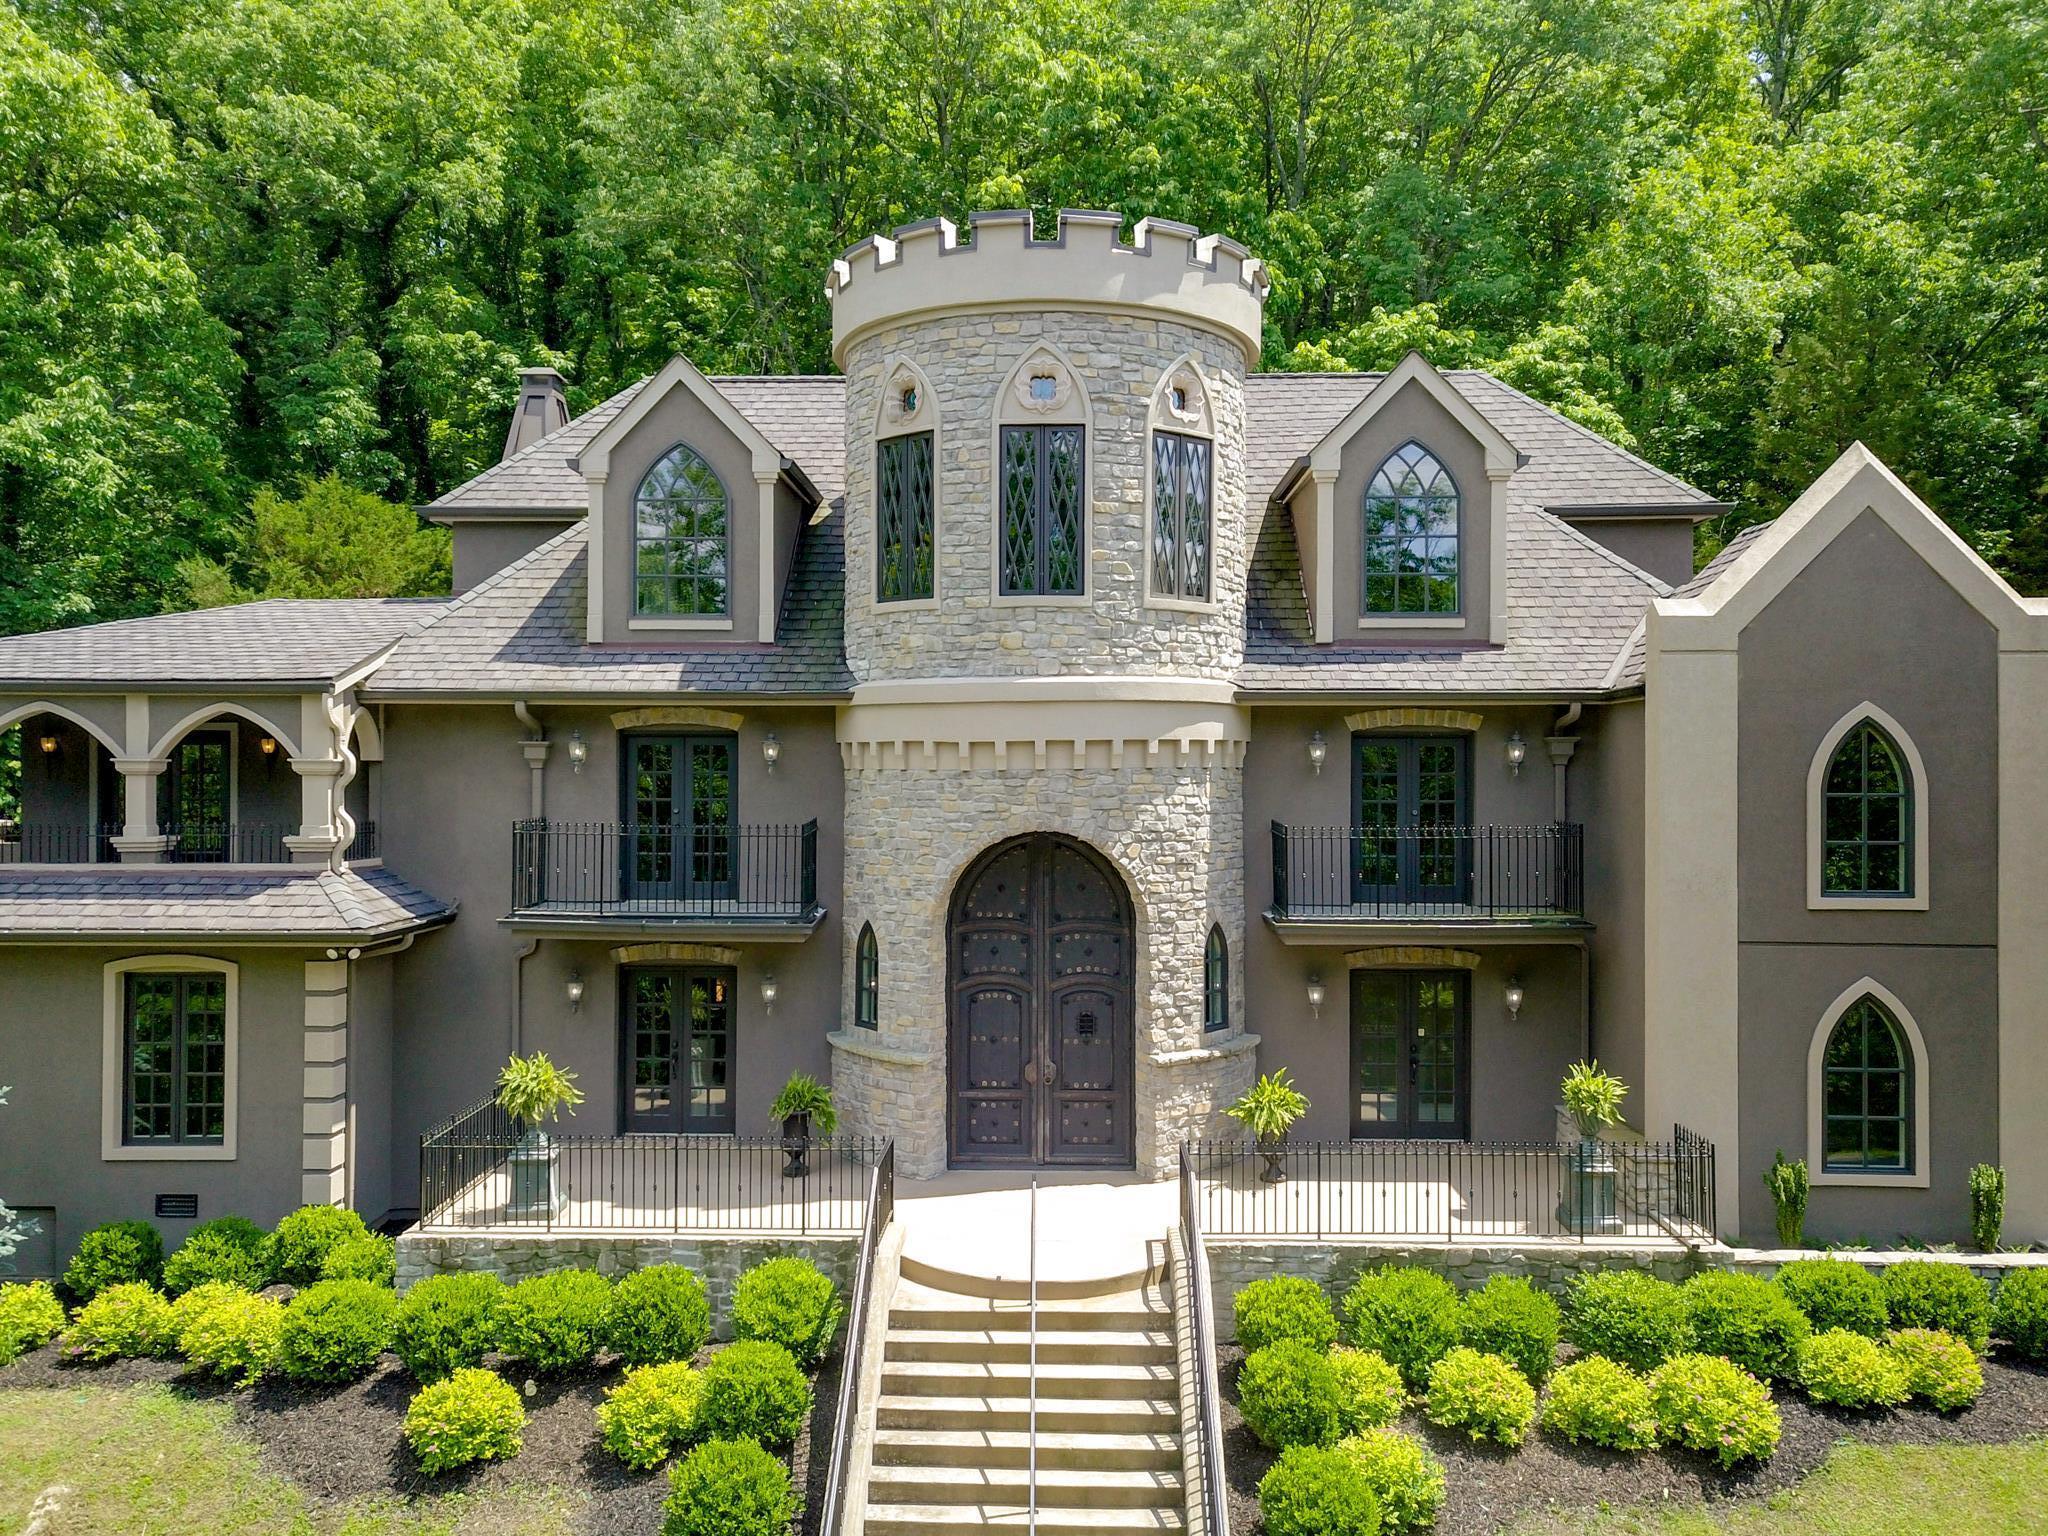 $1,549,000 - 5Br/6Ba -  for Sale in Forest Hills, Nashville